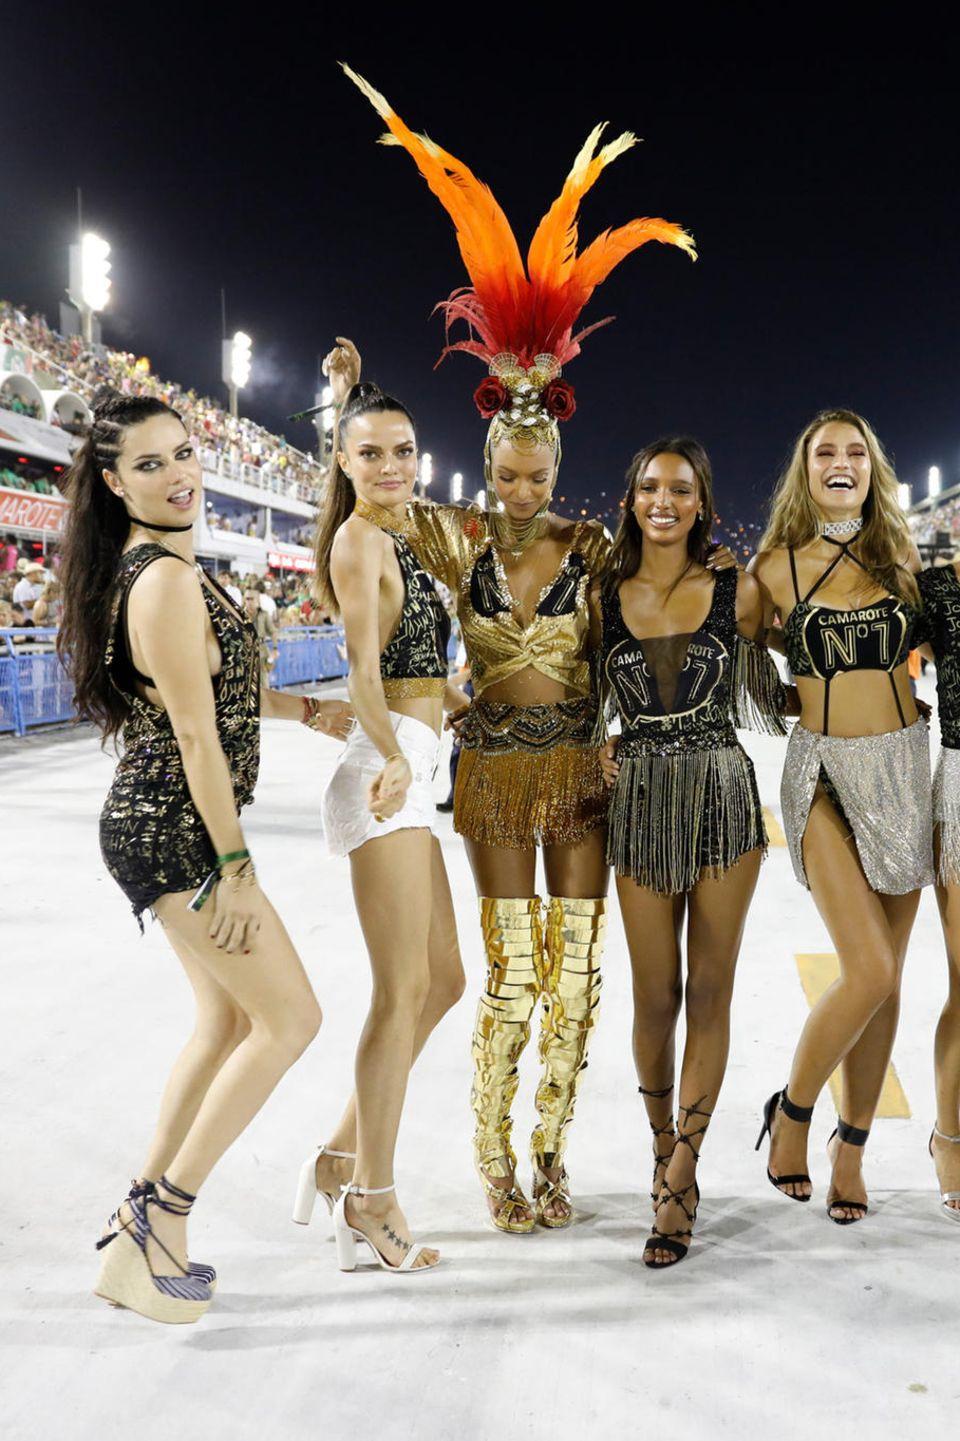 12. Februar 2018  Die Victoria Secret Models haben sichtlich Spaß bei der Karnevalsause in Brasilien.